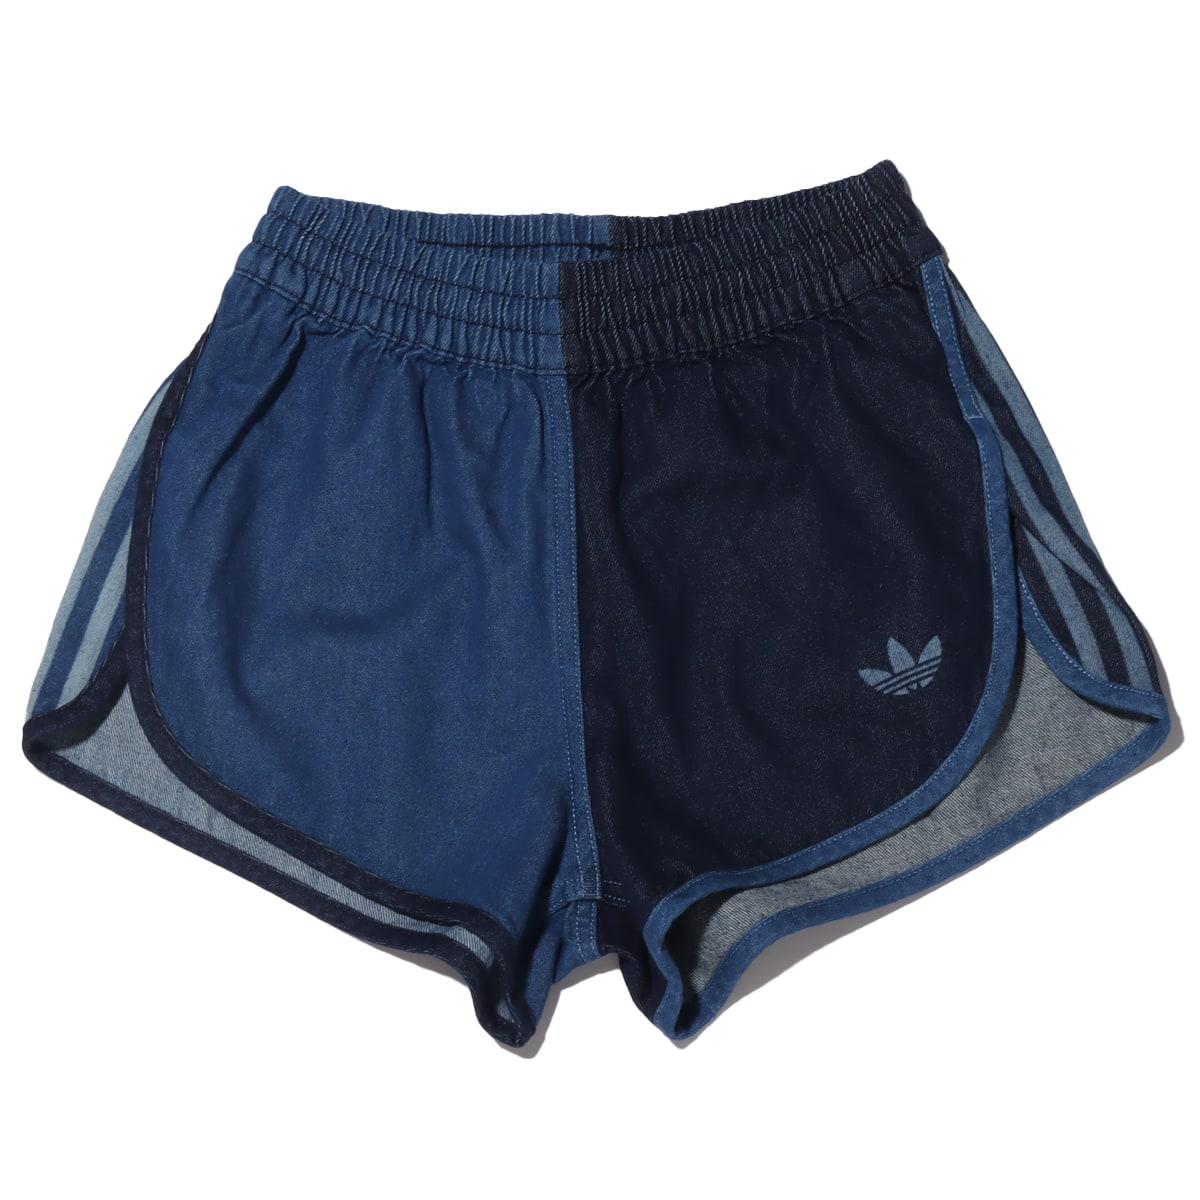 adidas DENIM SHORTS INDIGO/BAHIA BLUE 21SS-I_photo_large